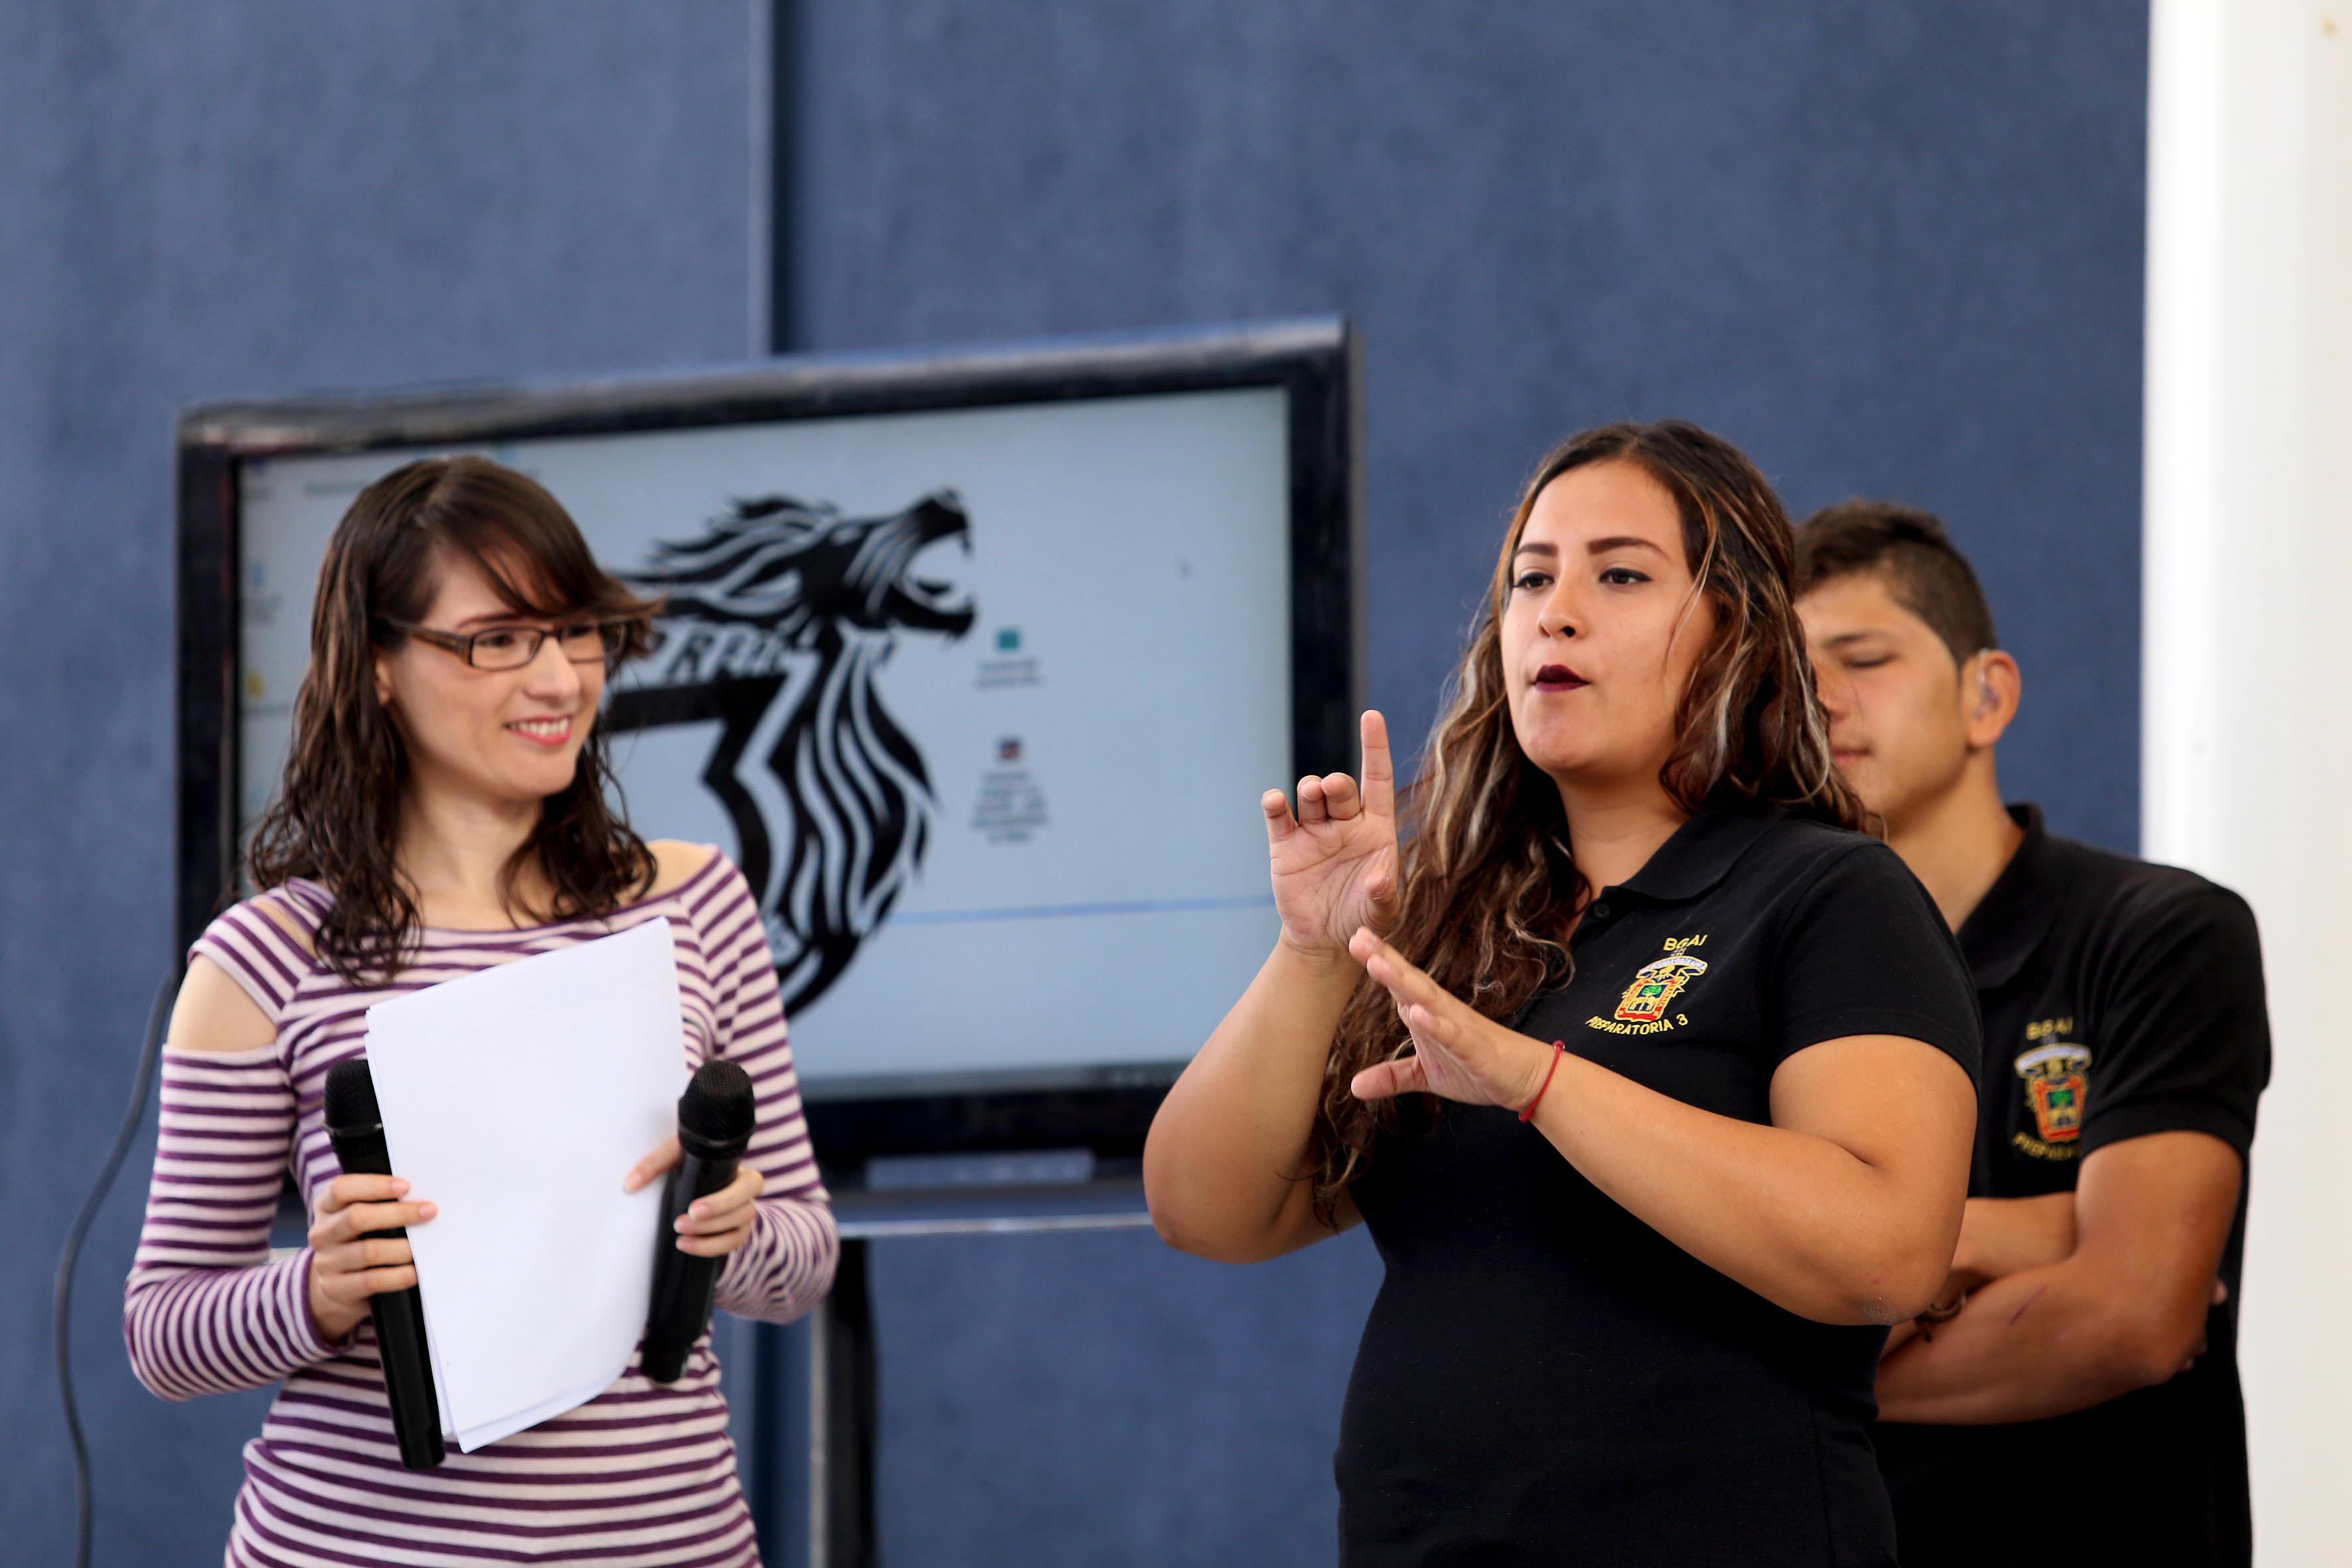 Estudiantes sordos mostrando a sus compañeros oyentes, la Lengua de Señas Mexicana